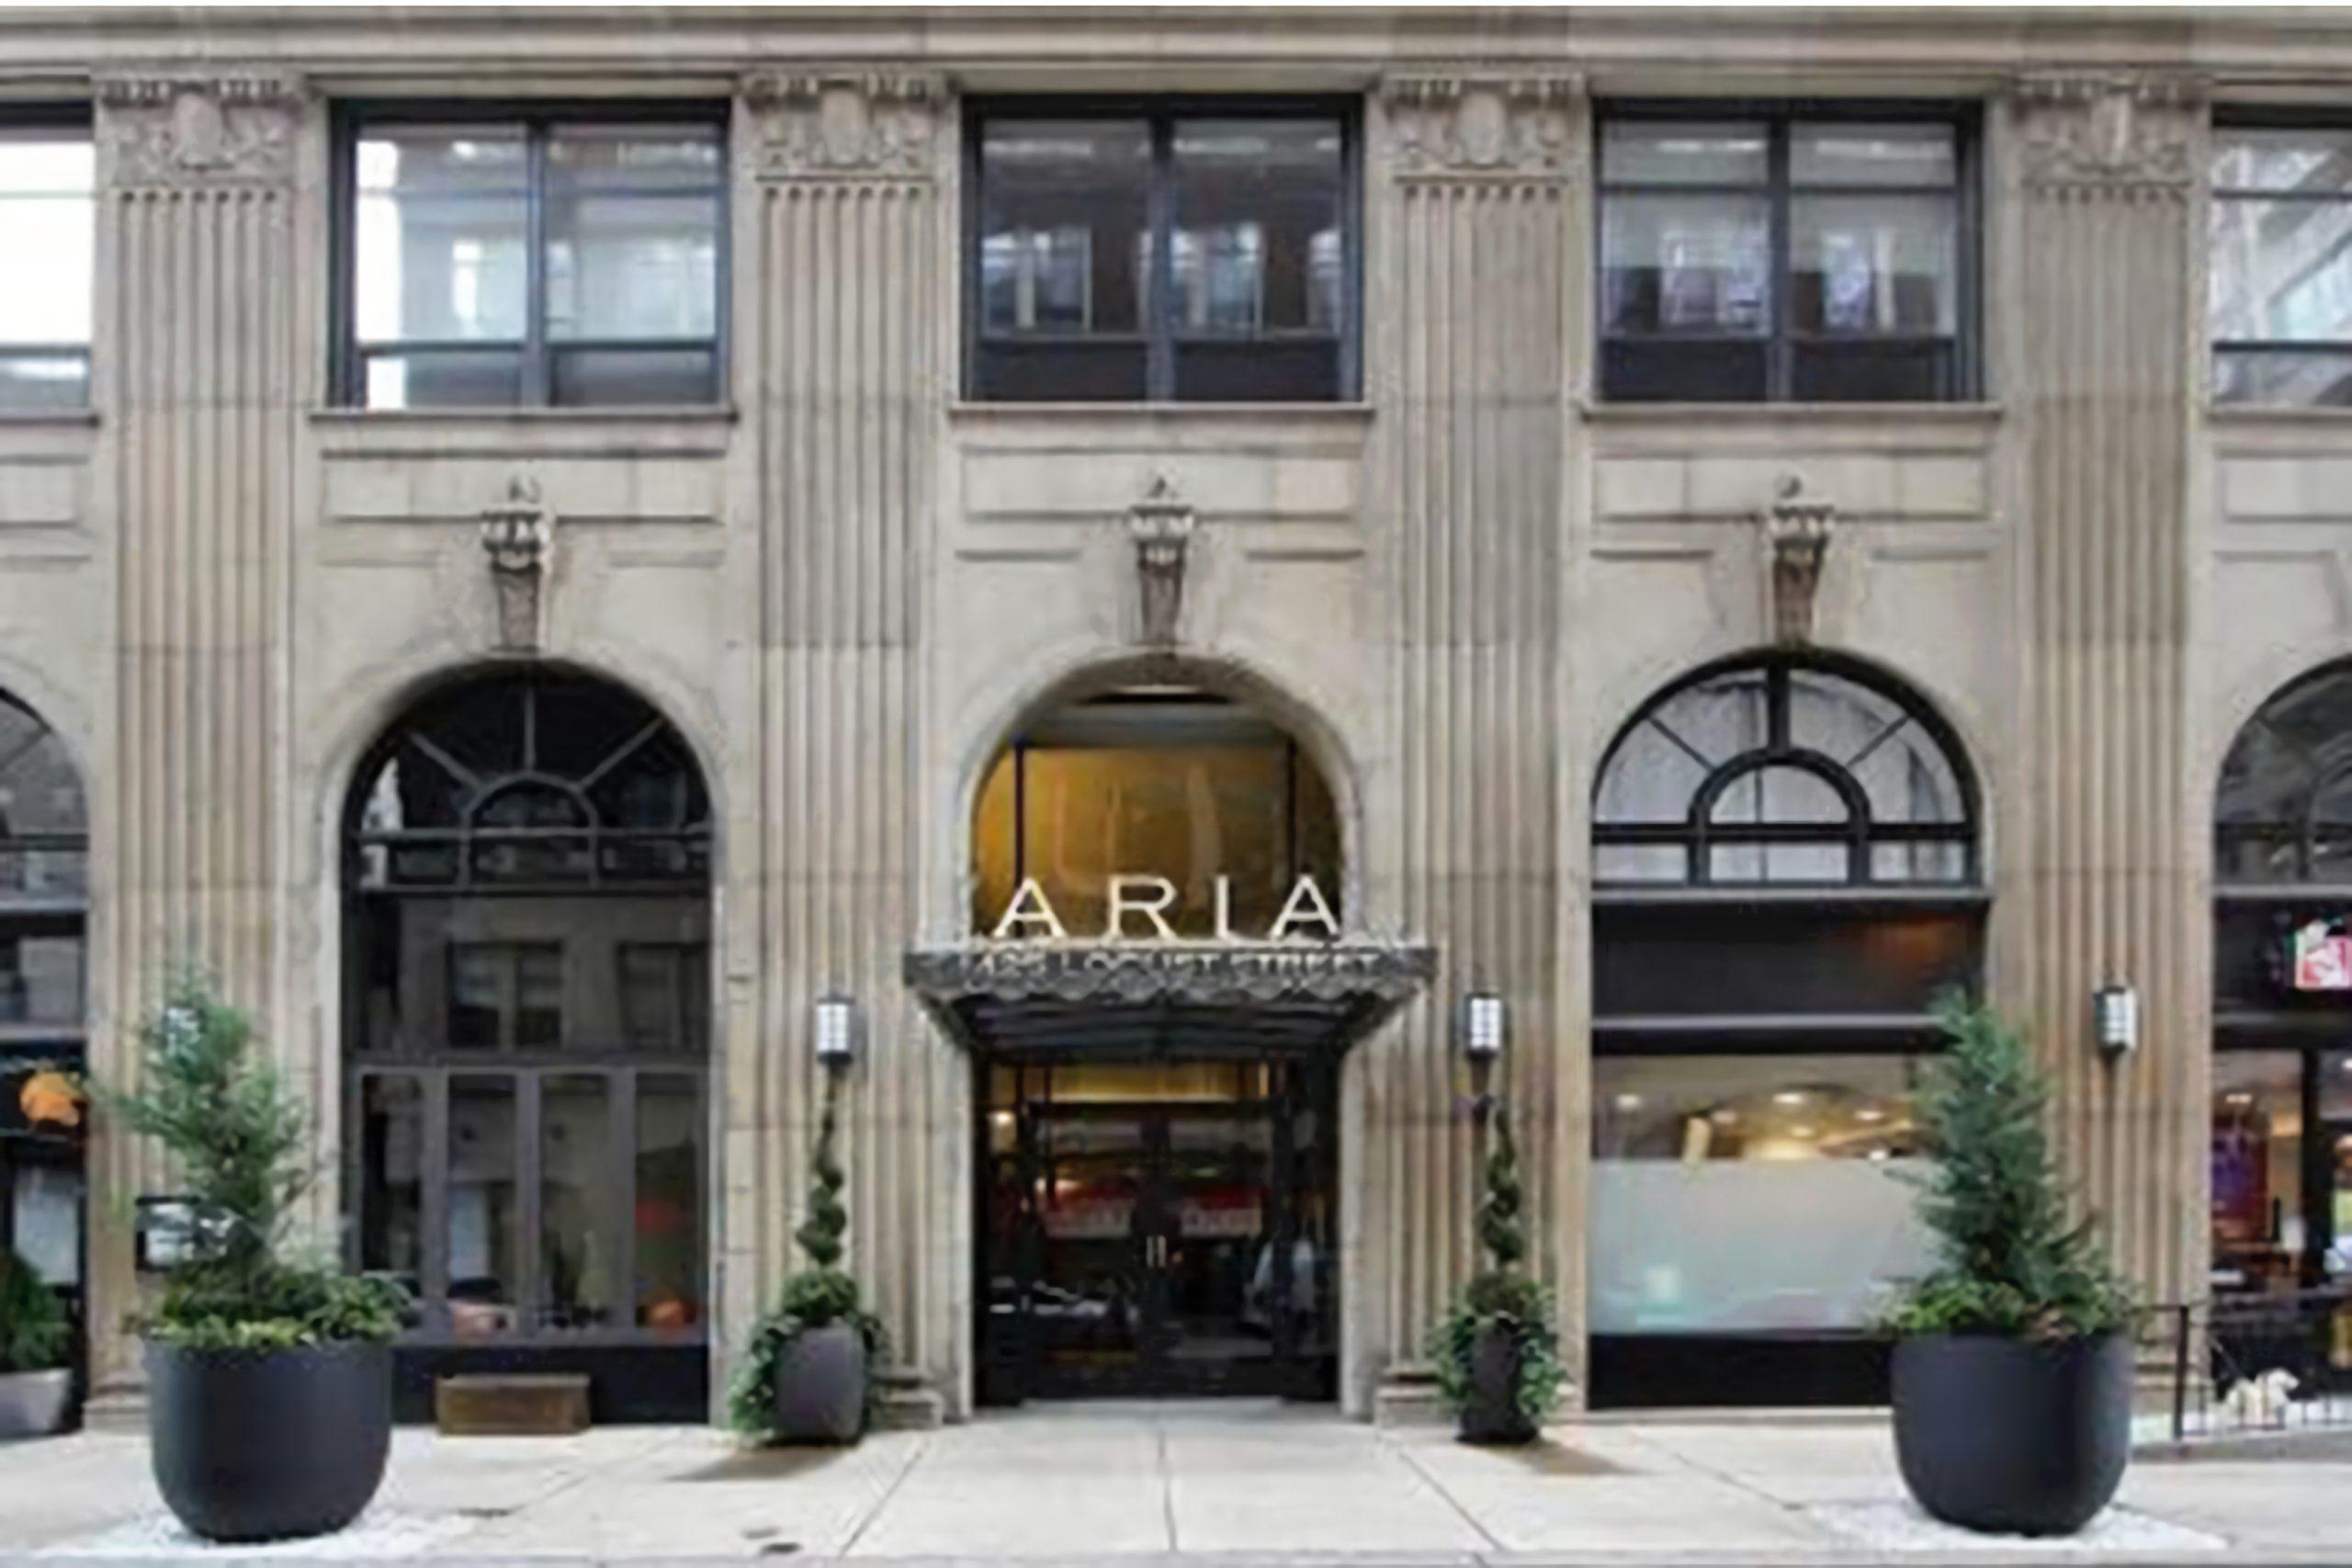 Exterior of The Aria luxury condo building